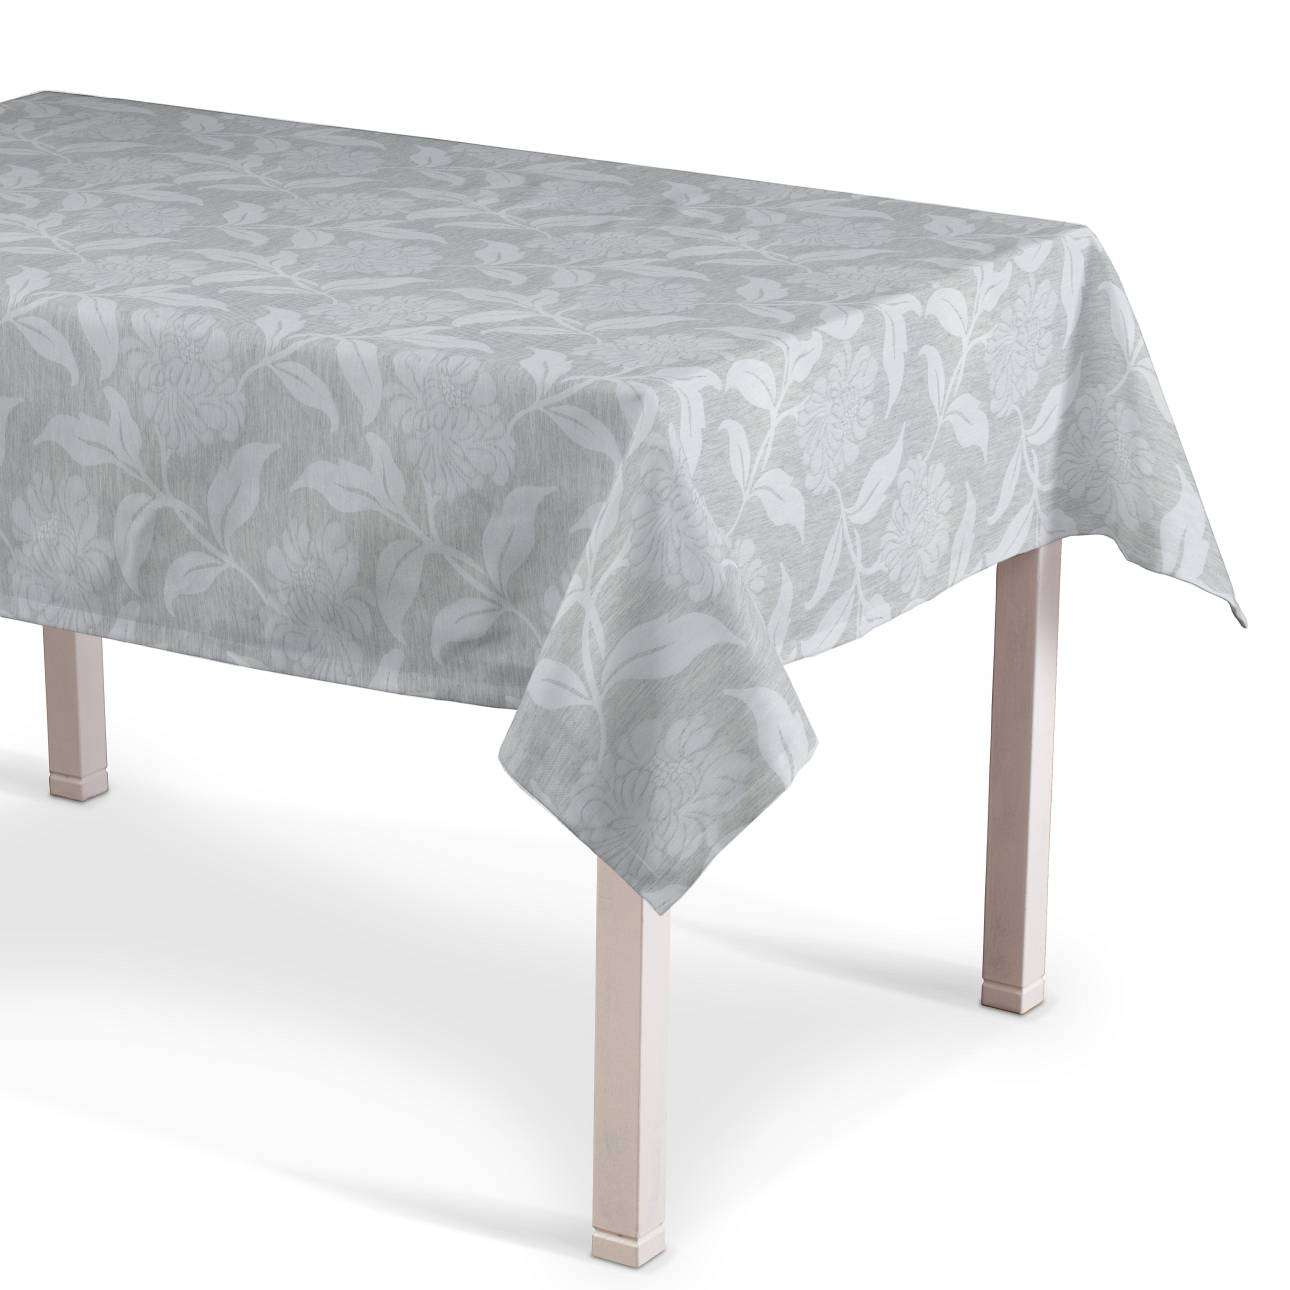 Staltiesės (stalui su kampais) 130 x 130 cm kolekcijoje Venice, audinys: 140-51